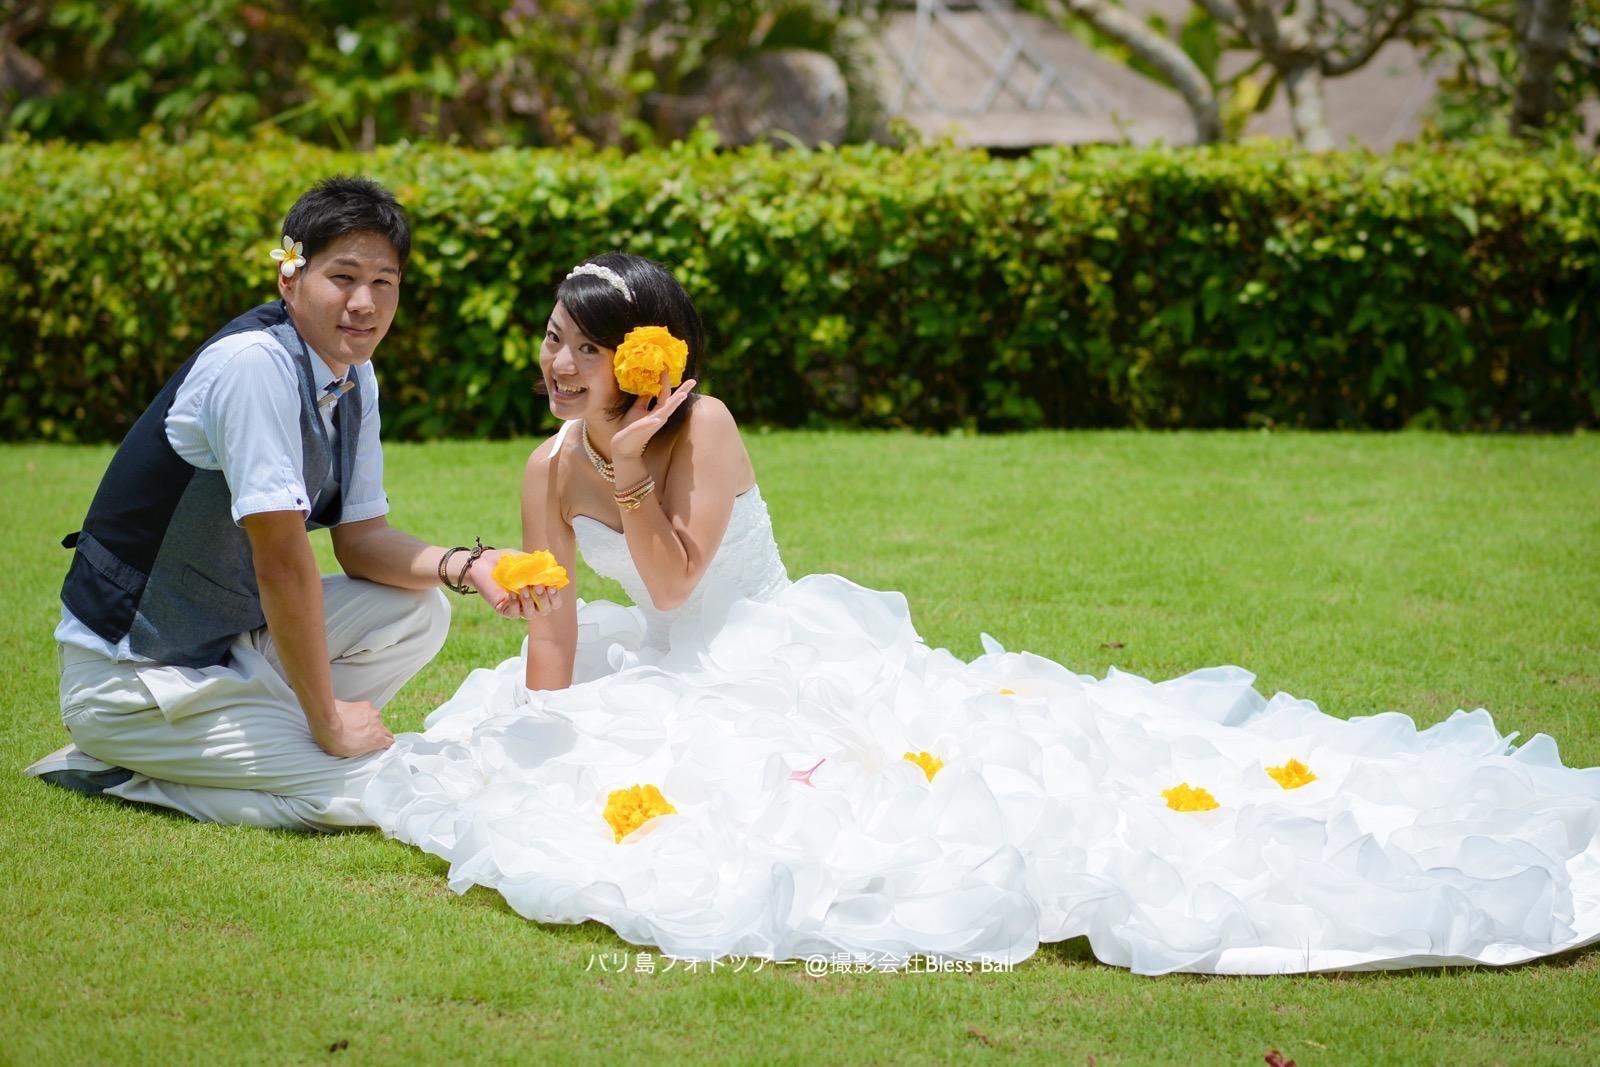 広々としたヴィラガーデンでドレスを広げて。オレンジ色のお花がアクセントに